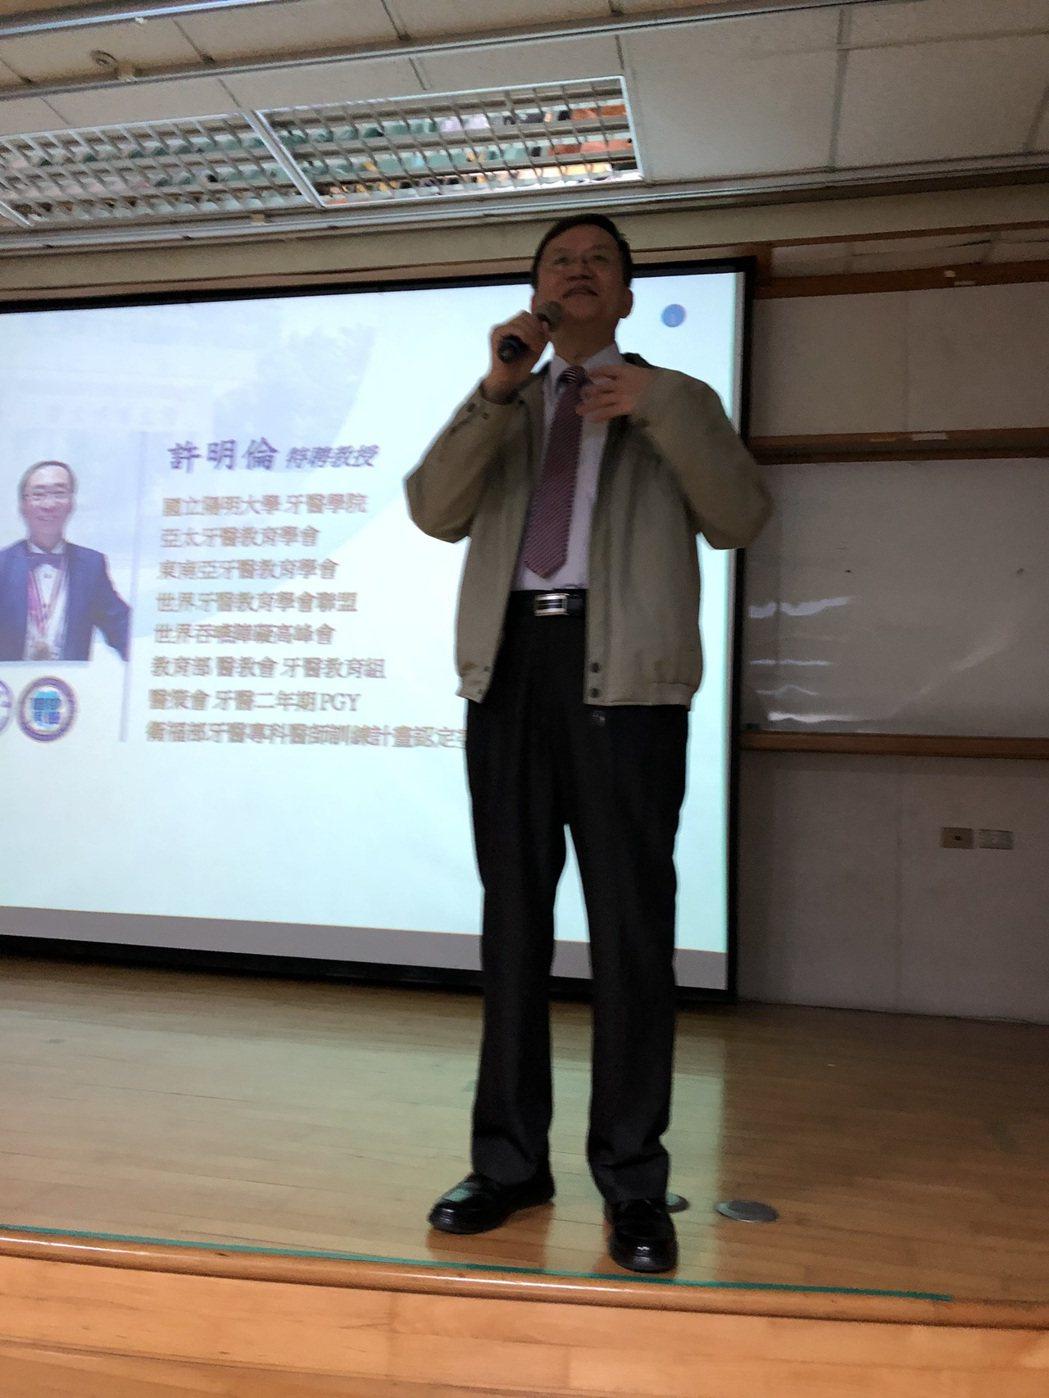 中國時報副總編郭石城。 台灣長照醫學會/提供